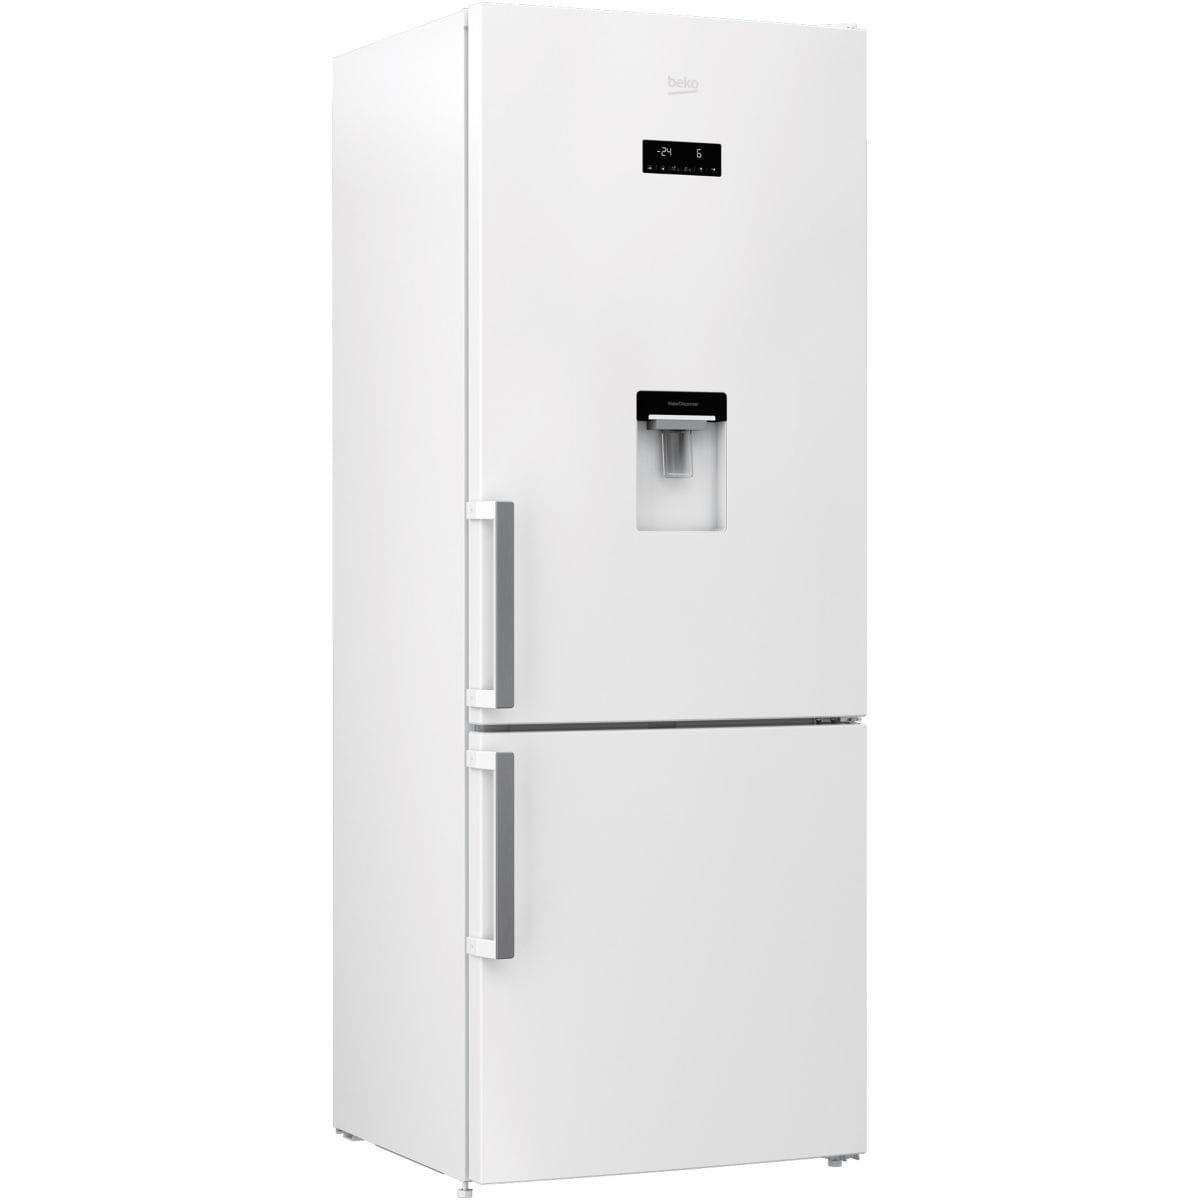 réfrigérateur combiné beko rcne520e21dw reconditionné   back market